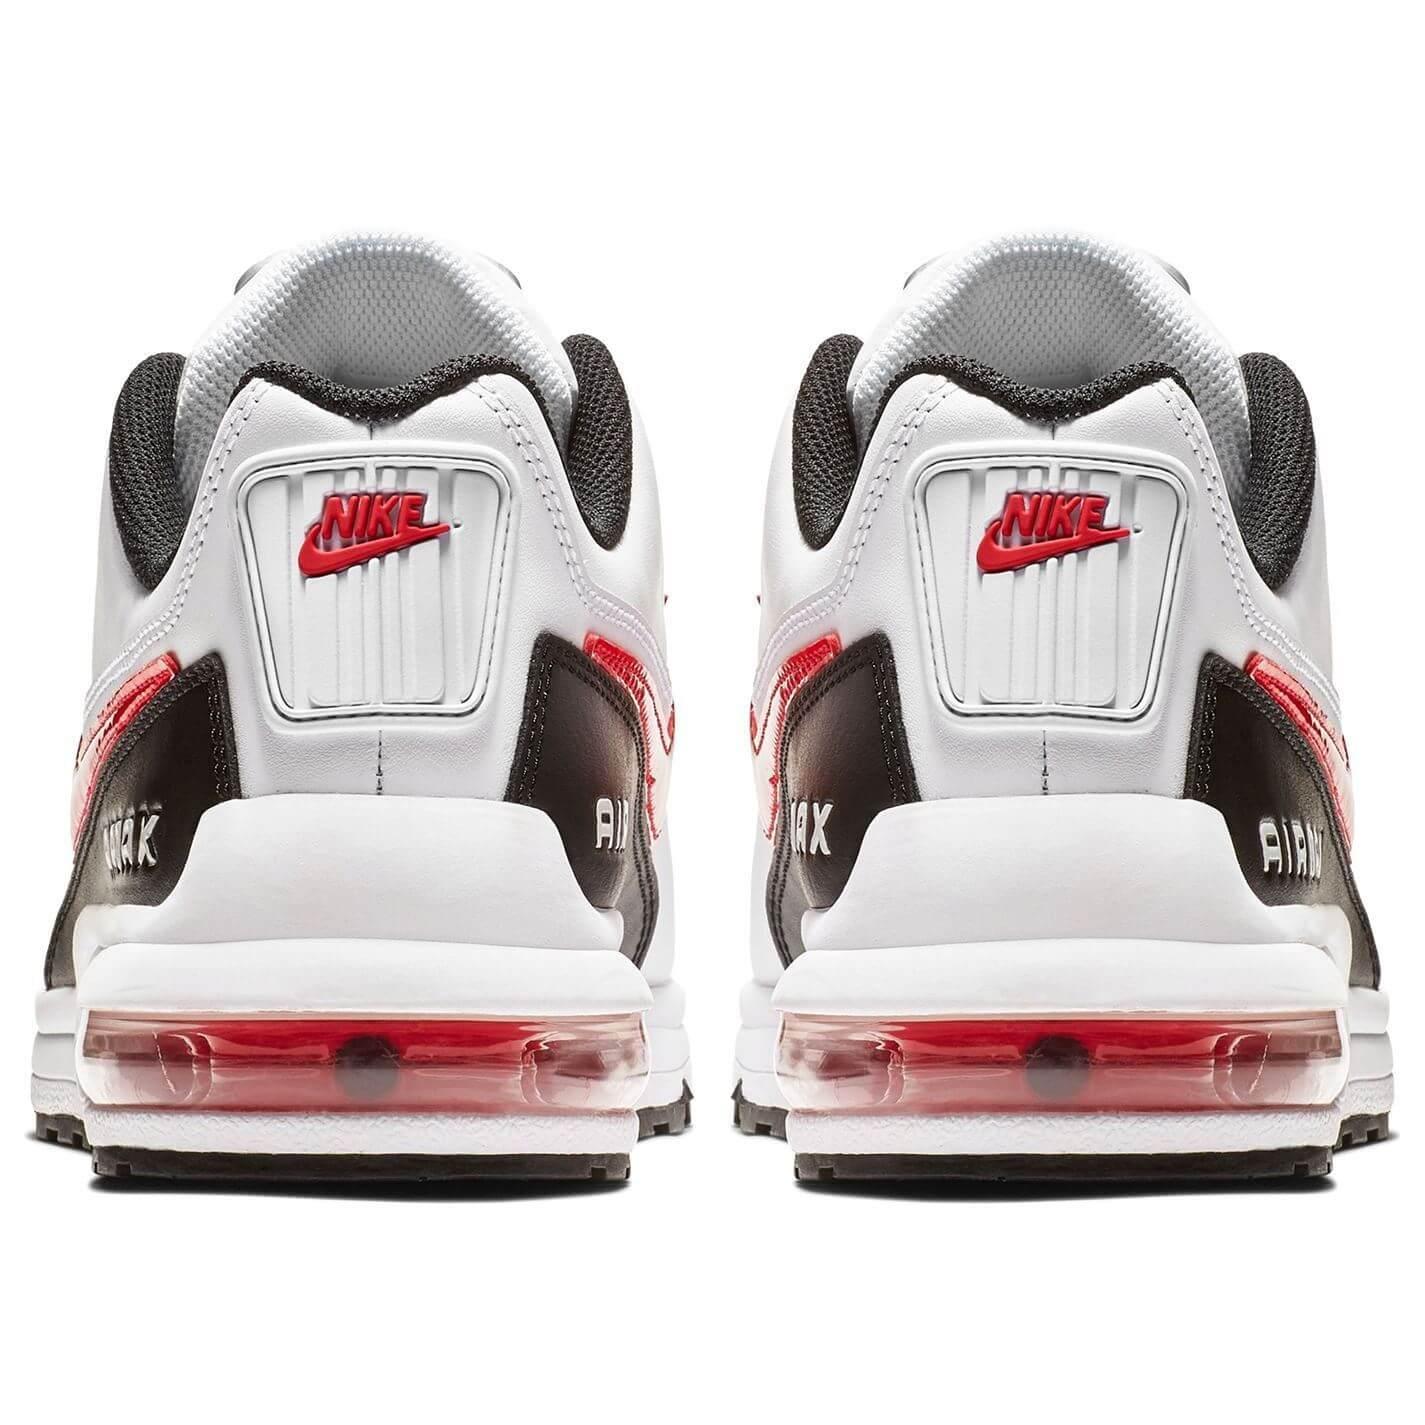 Nike Air Max LTD 3 wit rood leer BV1171 100